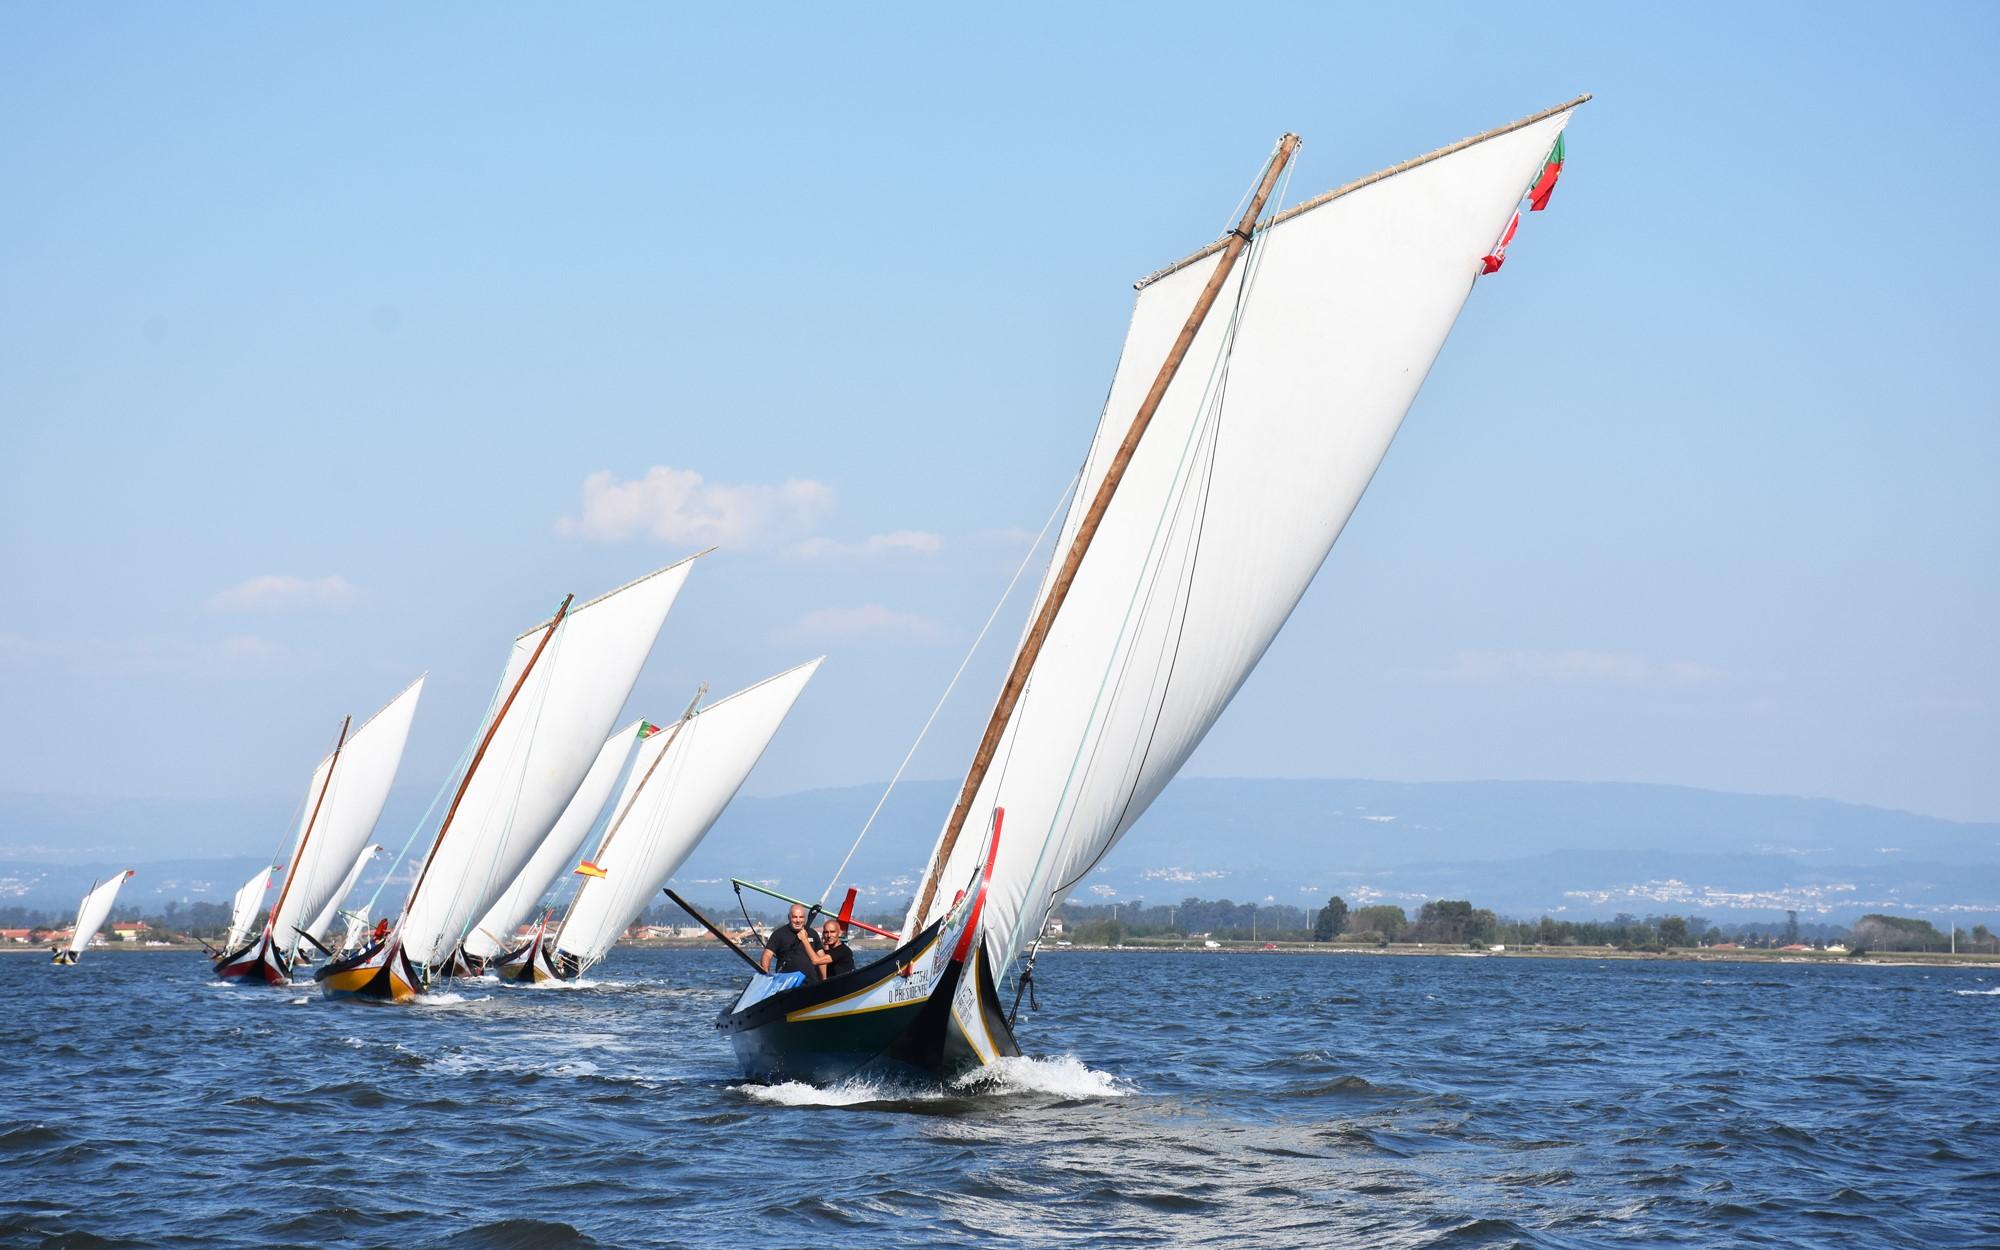 Regata de Barcos Moliceiros - Romaria de São Paio